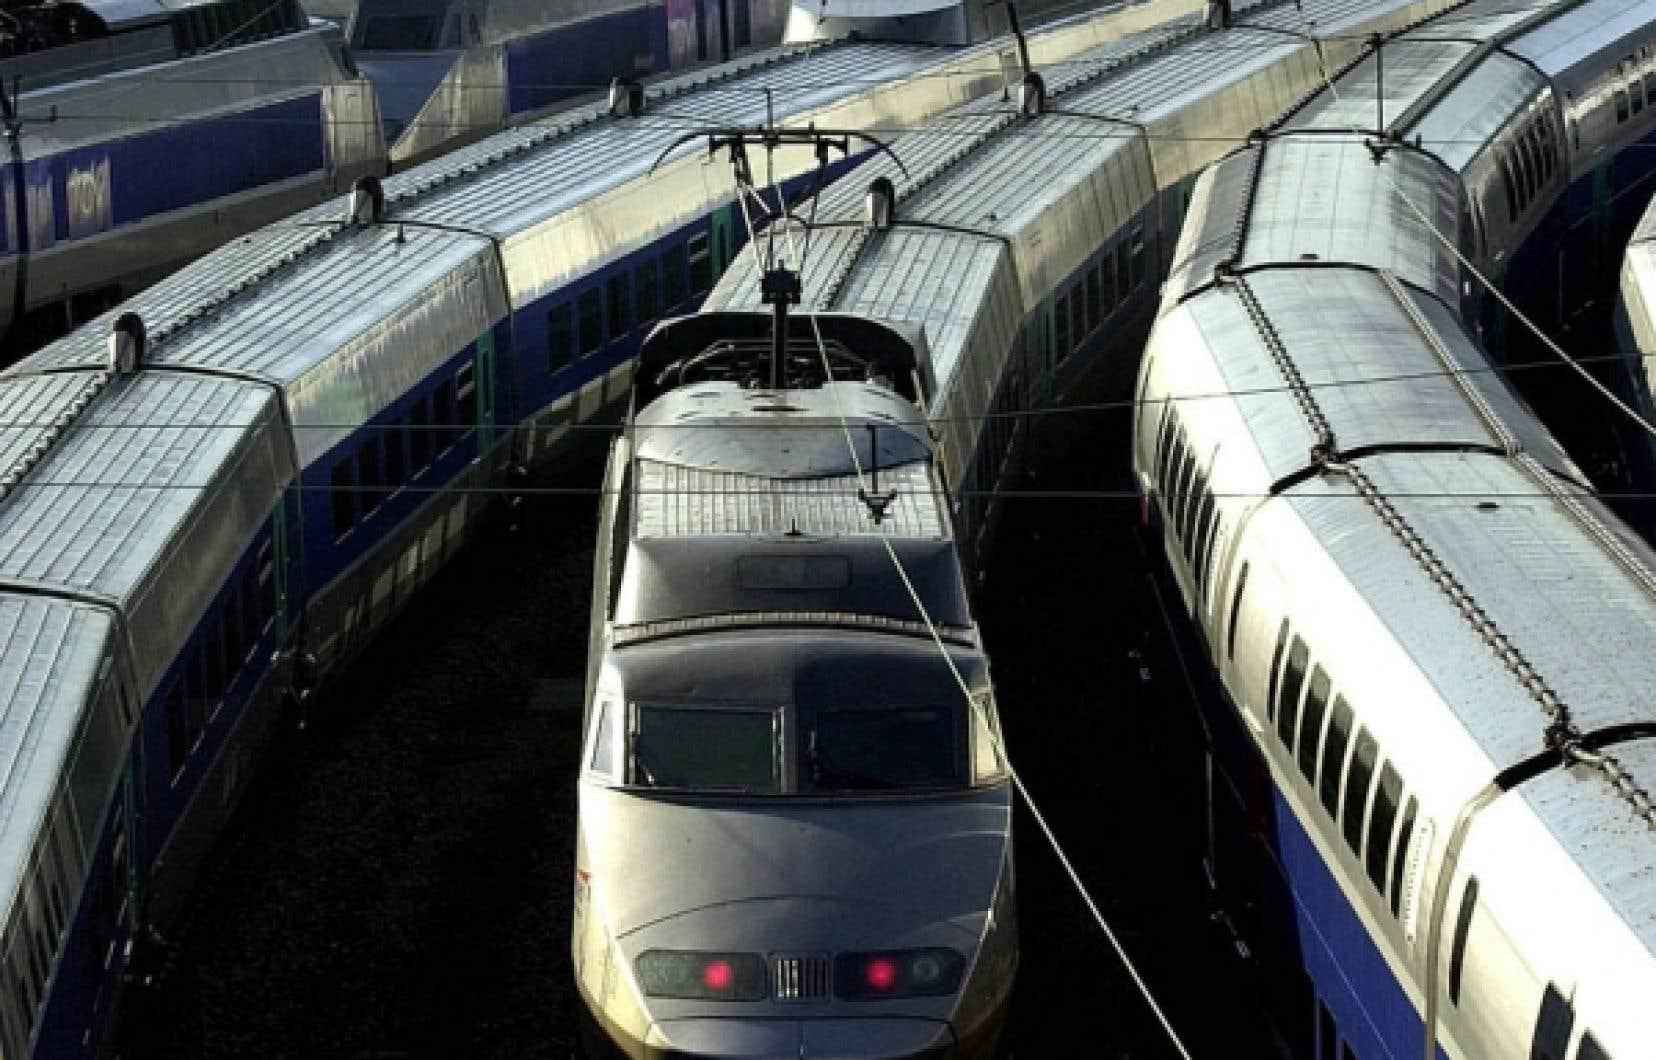 Le TGV parisien. Québec s'est entendu hier avec Washington pour évaluer la possibilité de  développer deux lignes de train à haute vitesse.